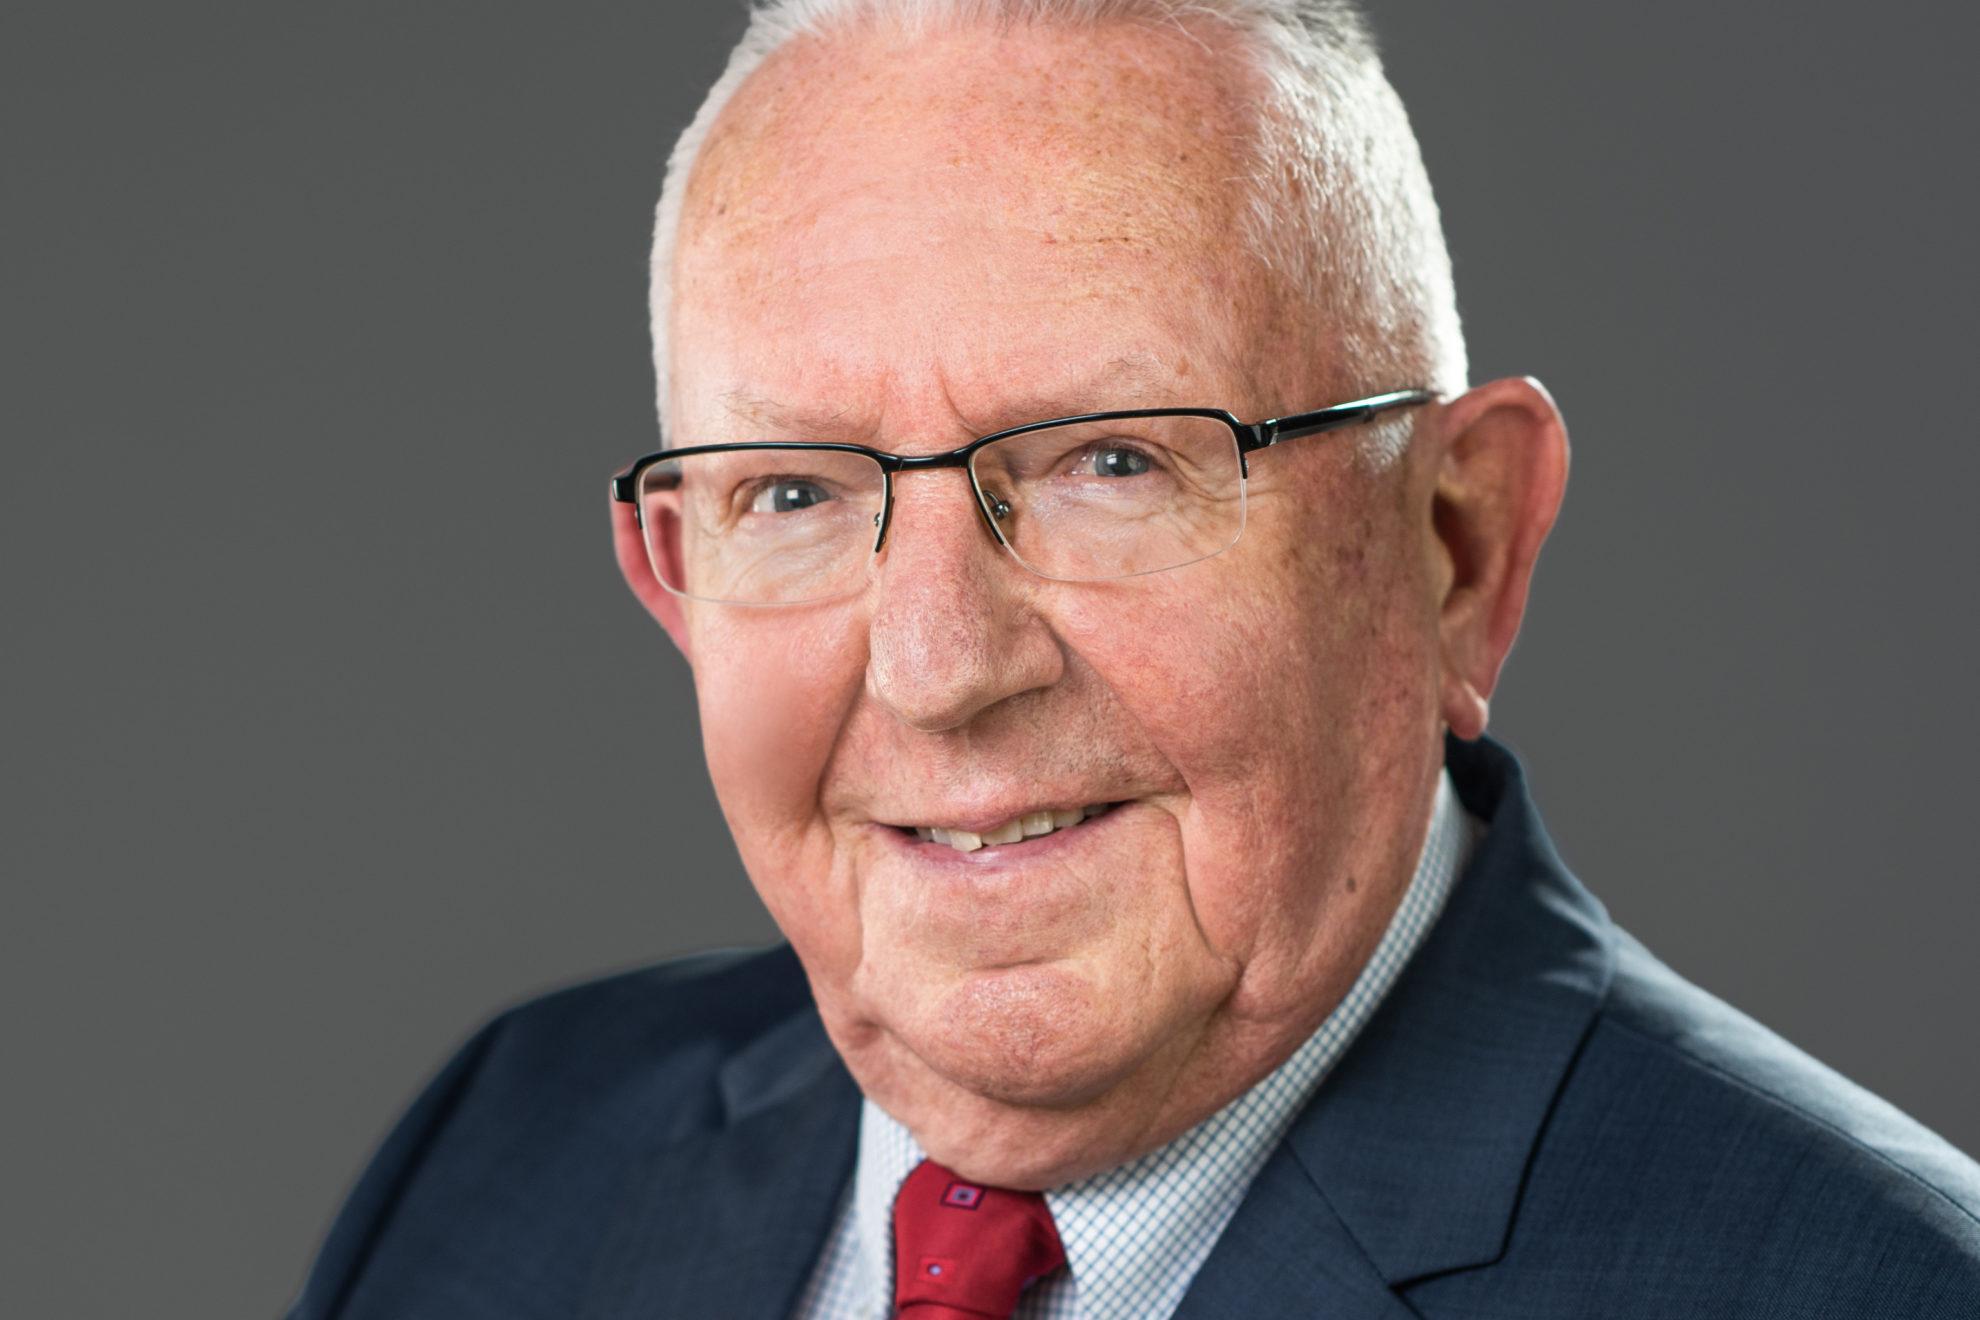 Wilfried Schneider